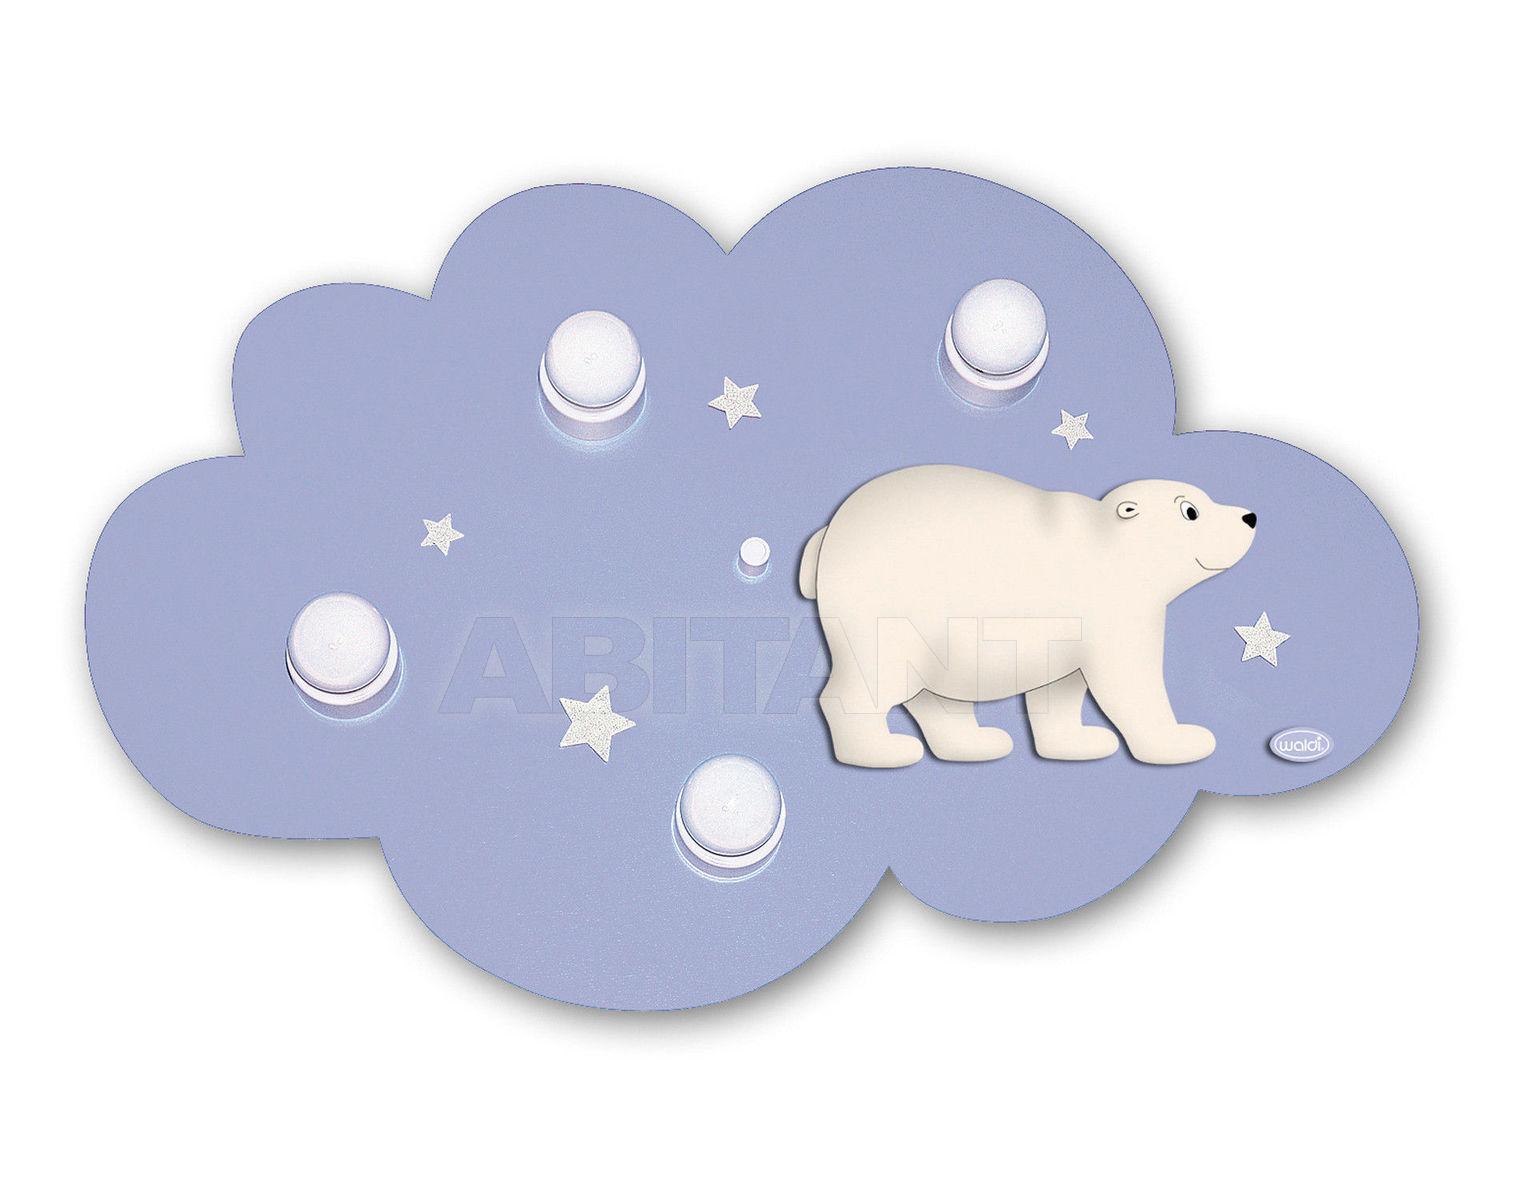 Купить Светильник для детской  Waldi Leuchten Lampen Fur Kinder 2012 65140.0